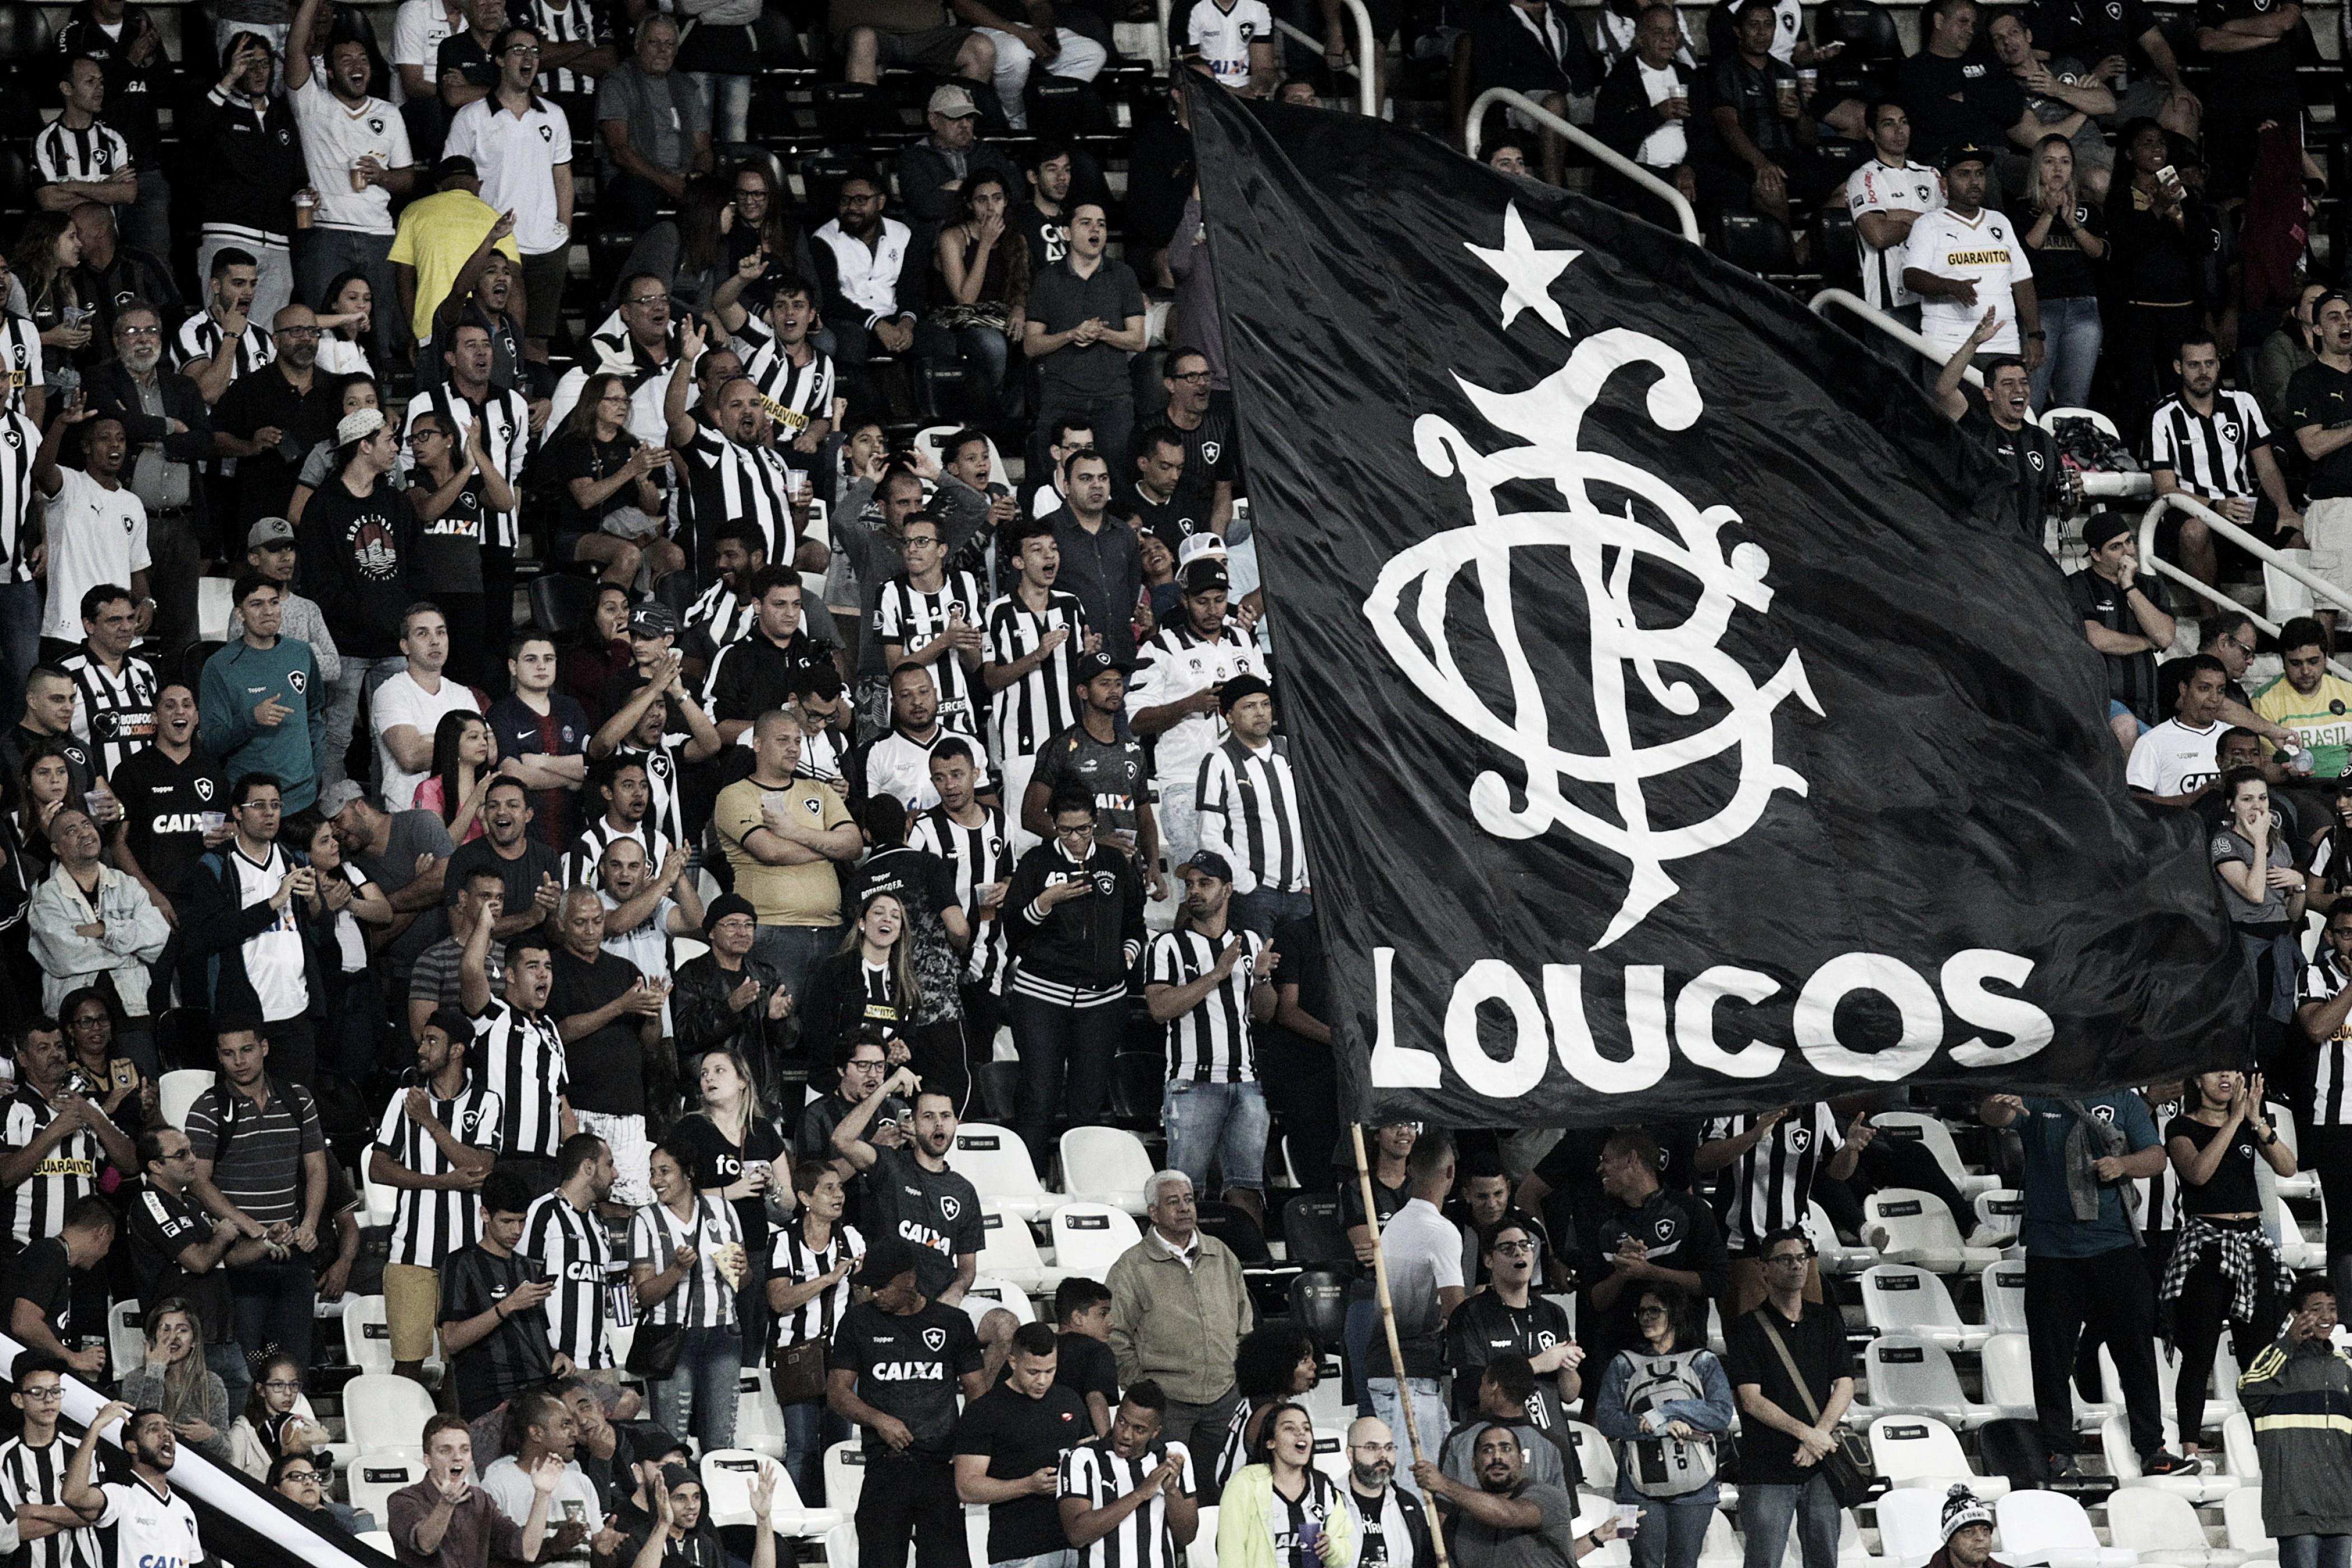 Botafogo anuncia ingressos a partir de R$ 5 para partida contra América-MG